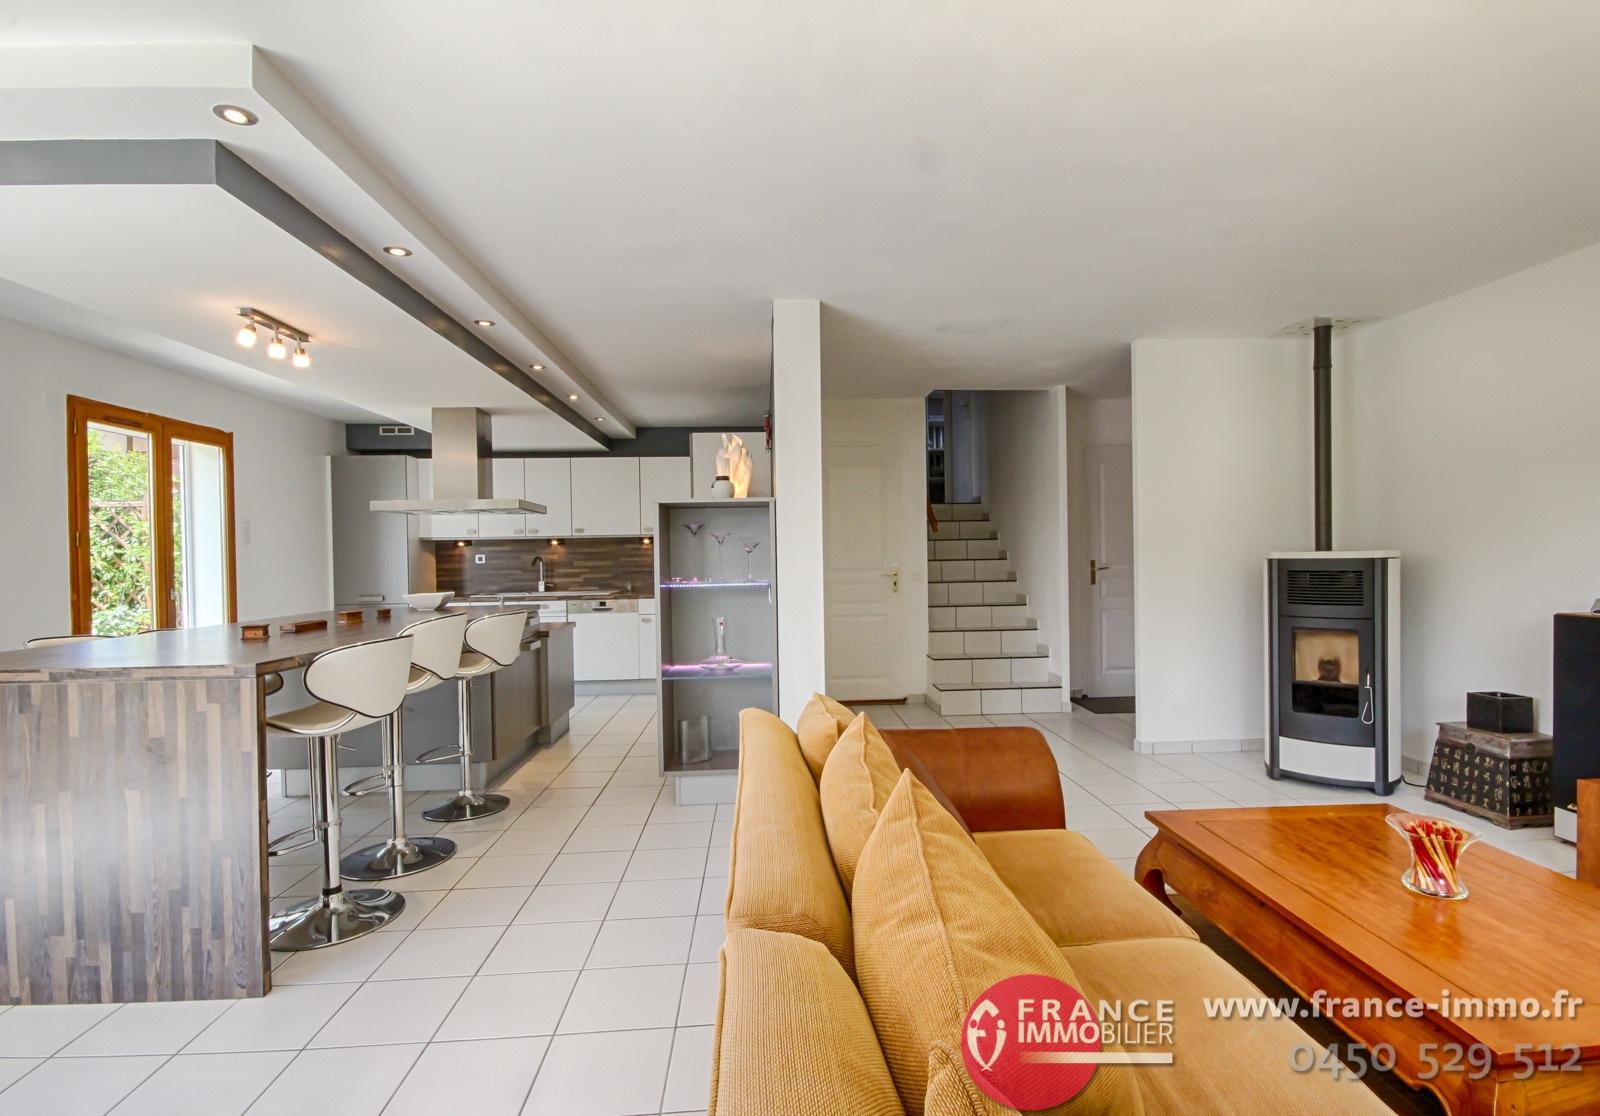 vente maison annecy metz tessy 74000 110m avec 5 pi ce s dont 4 chambre s sur 427m de. Black Bedroom Furniture Sets. Home Design Ideas